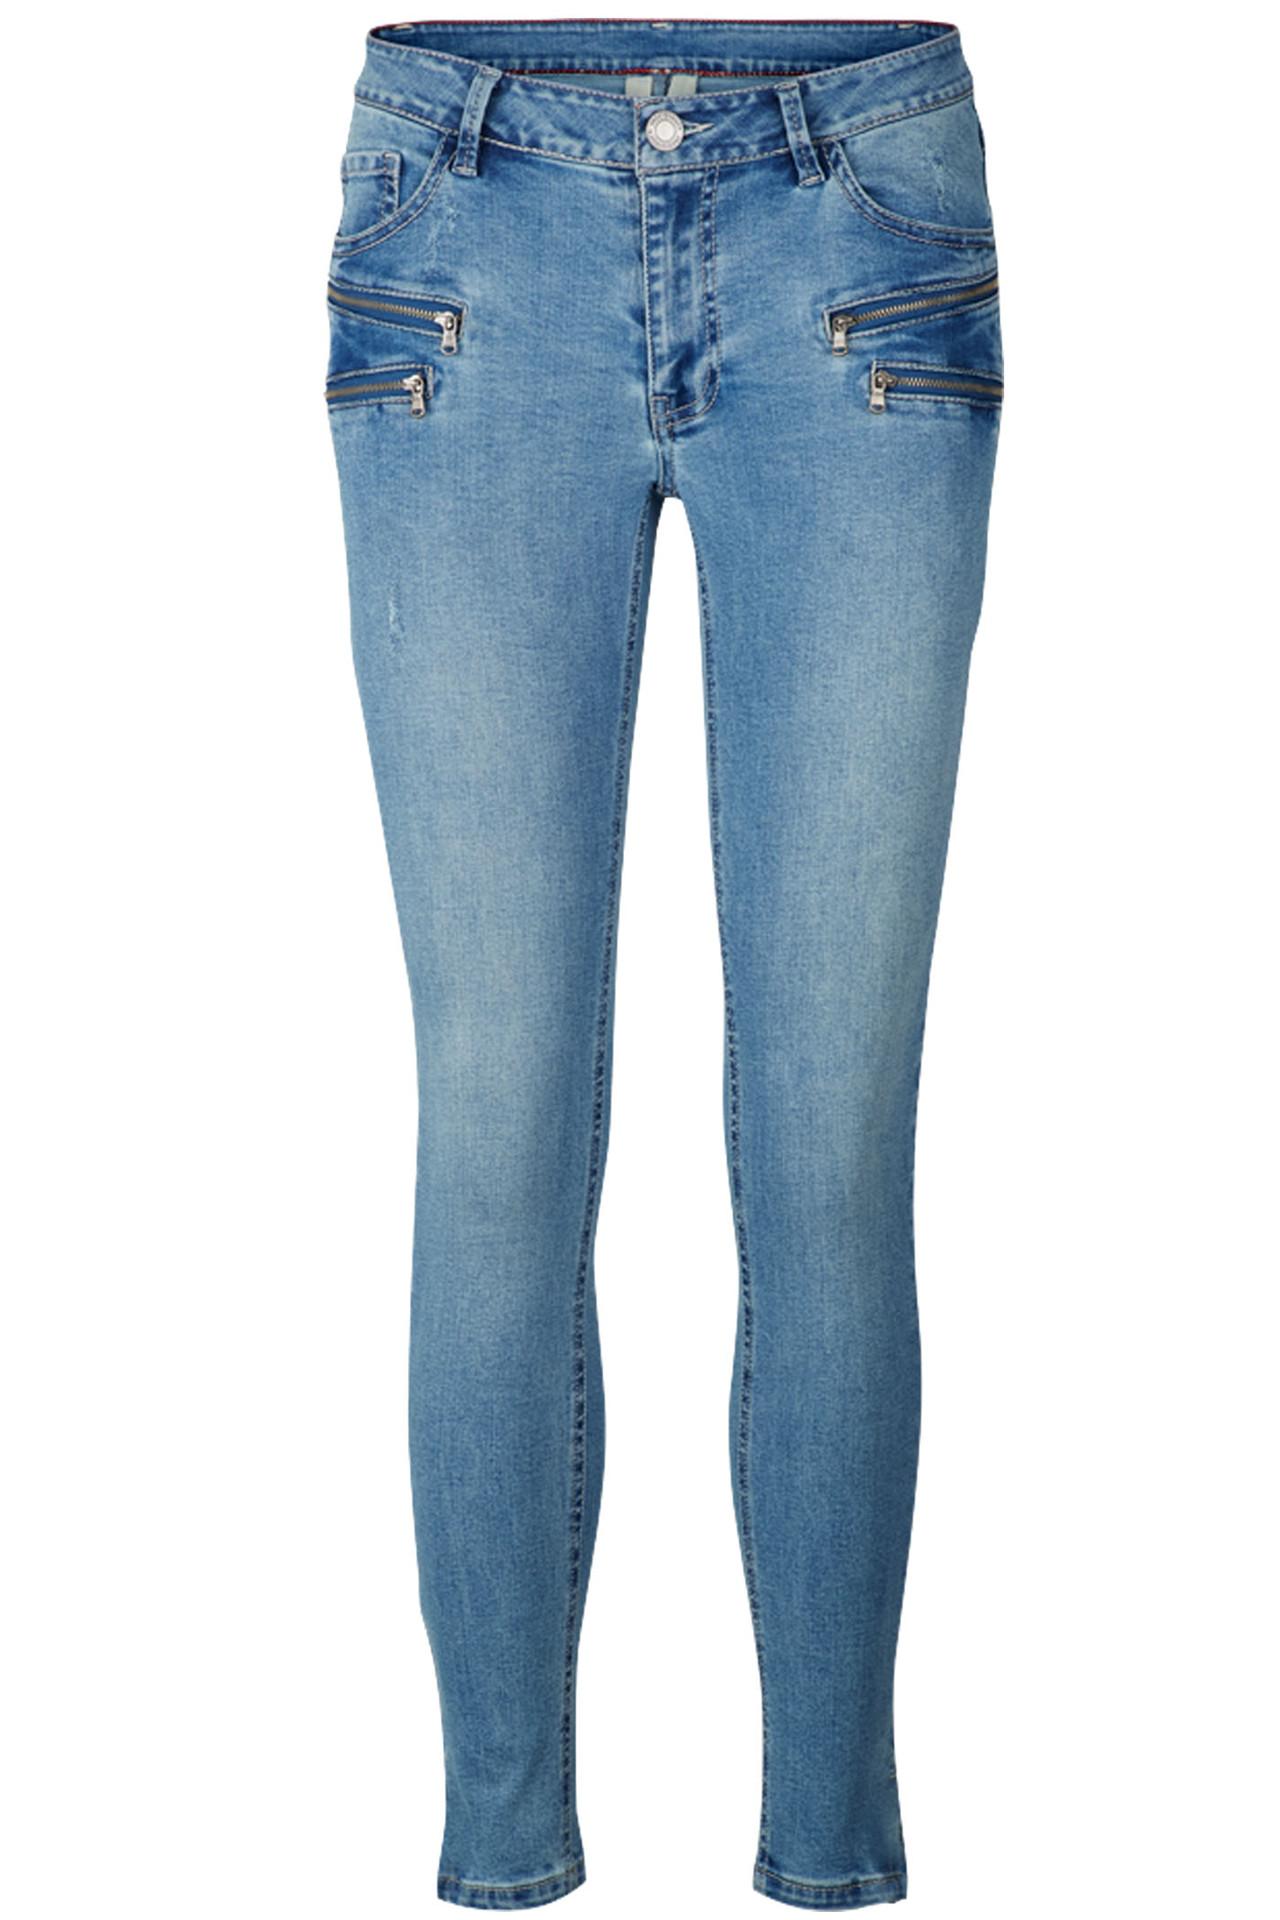 3a1cf511 AIDA-JE-DENIM BLÅ DENIM bukser fra Freequent - køb bukser online her